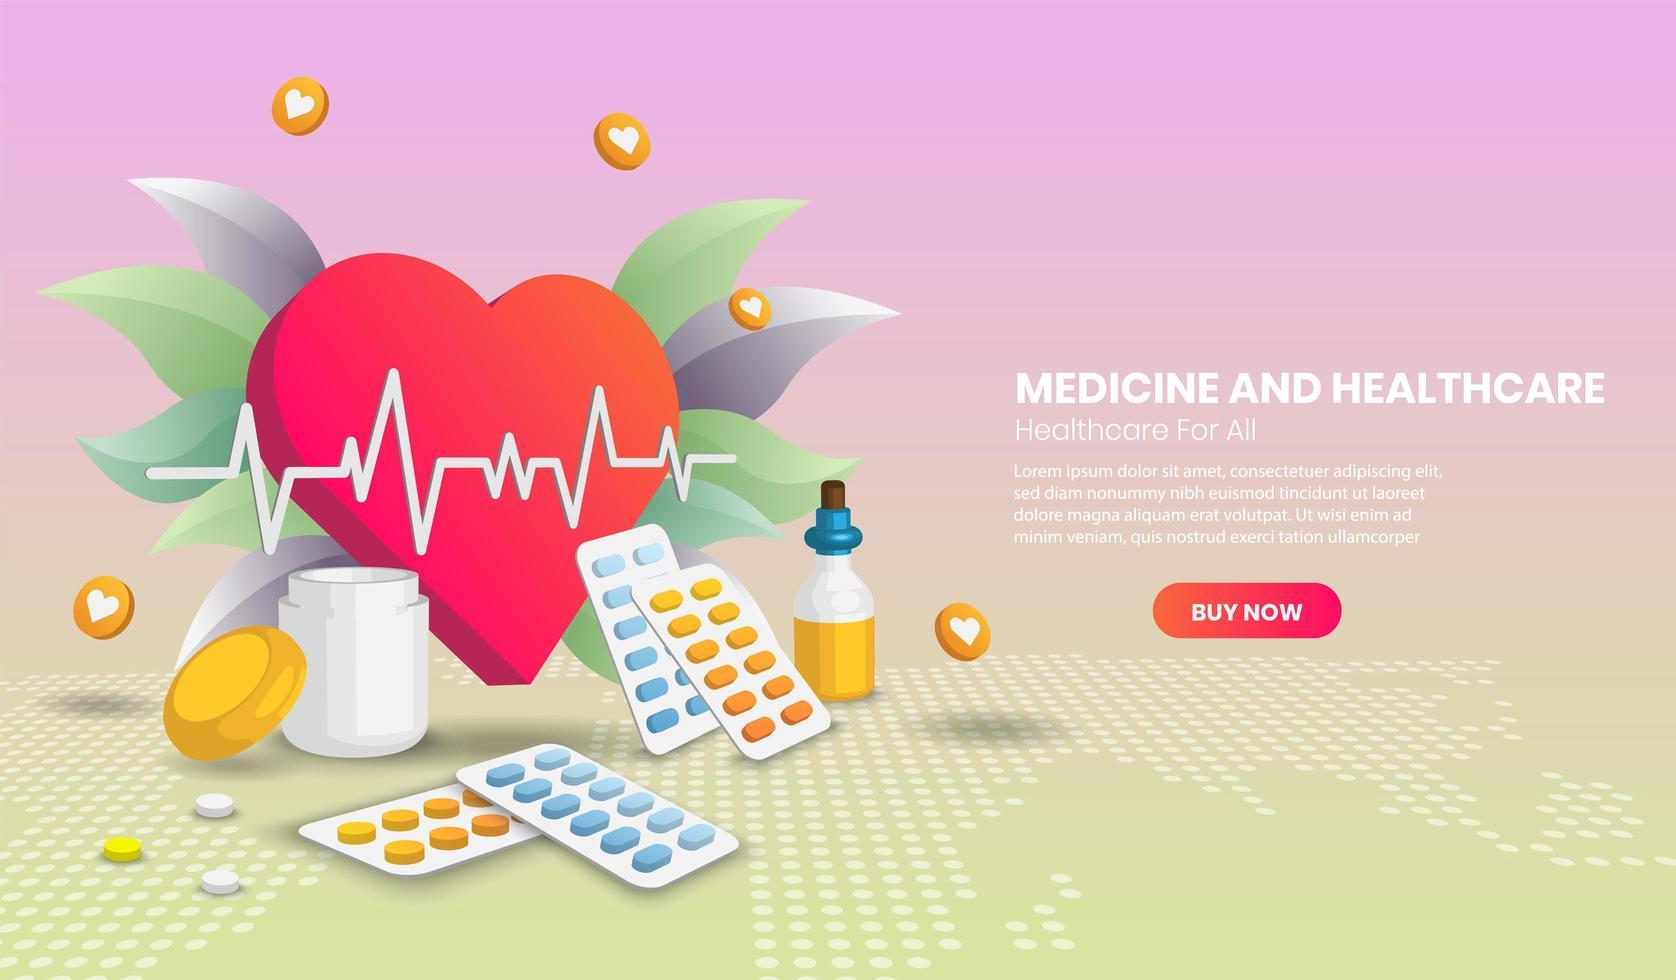 medicina e saúde com coração gigante vetor